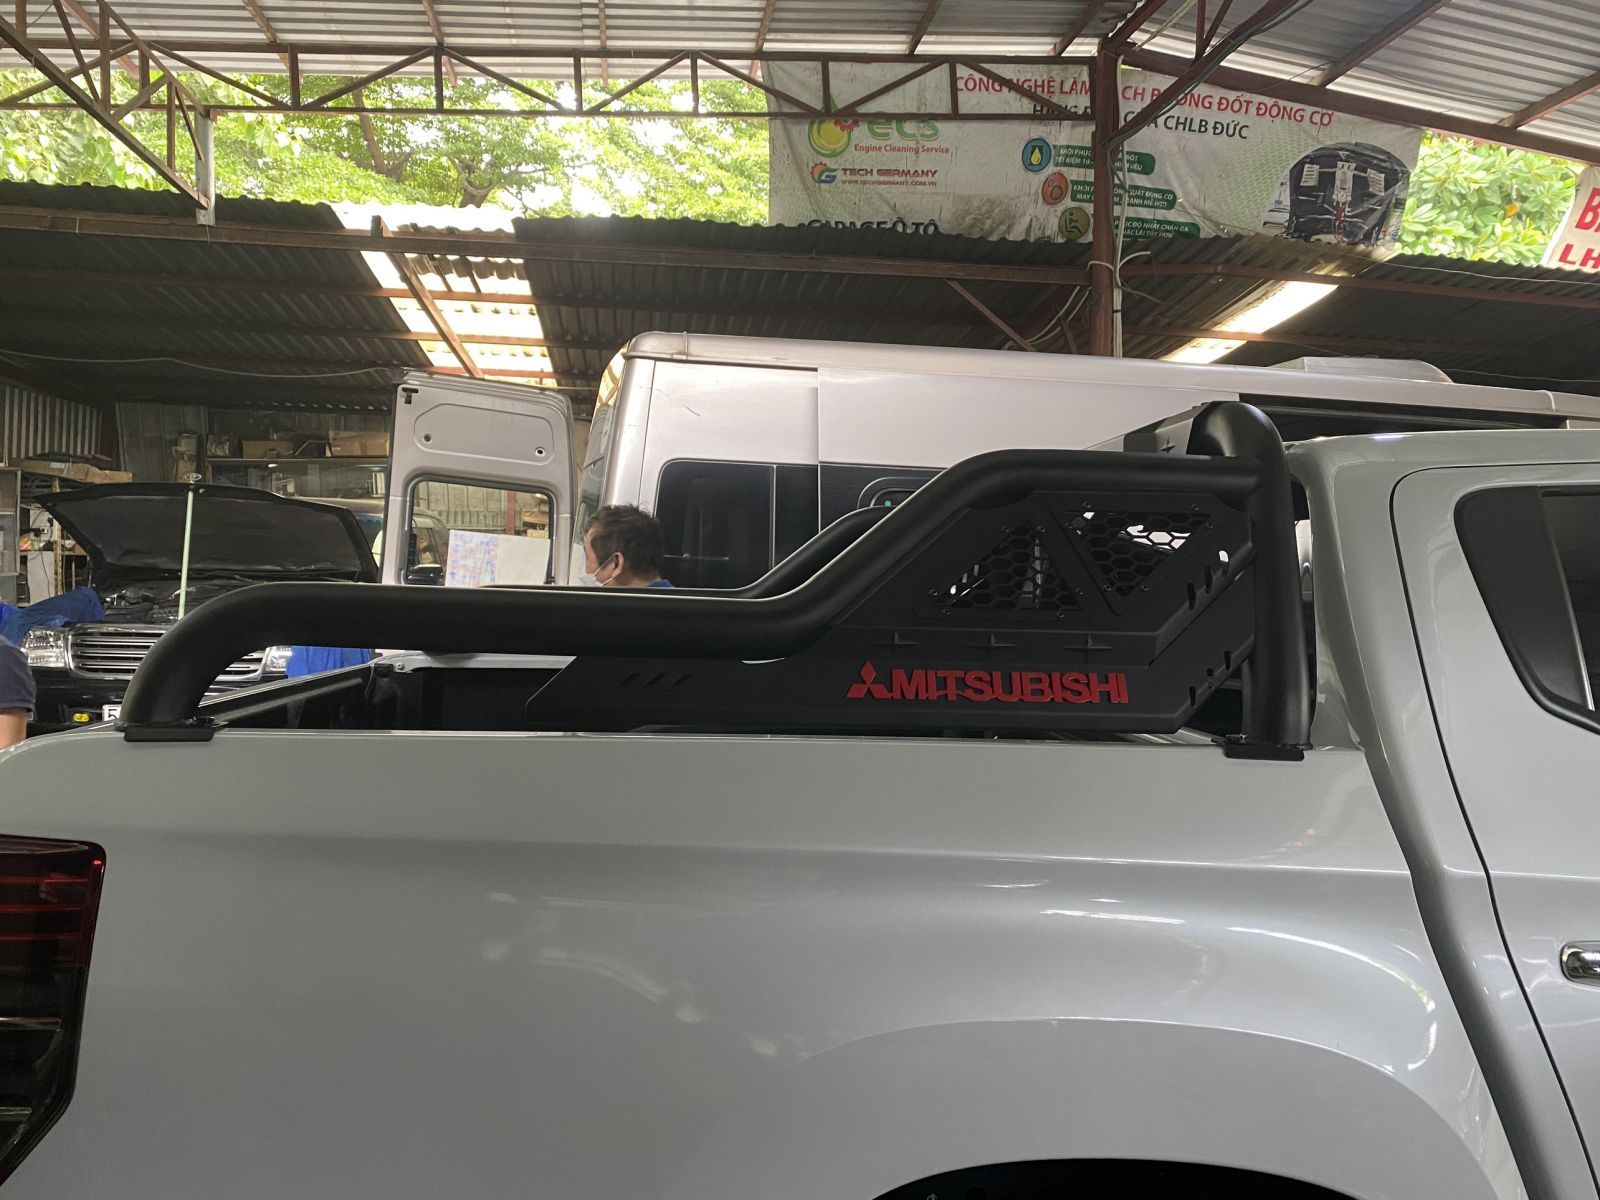 Thanh thể thao Mitsubishi Triton